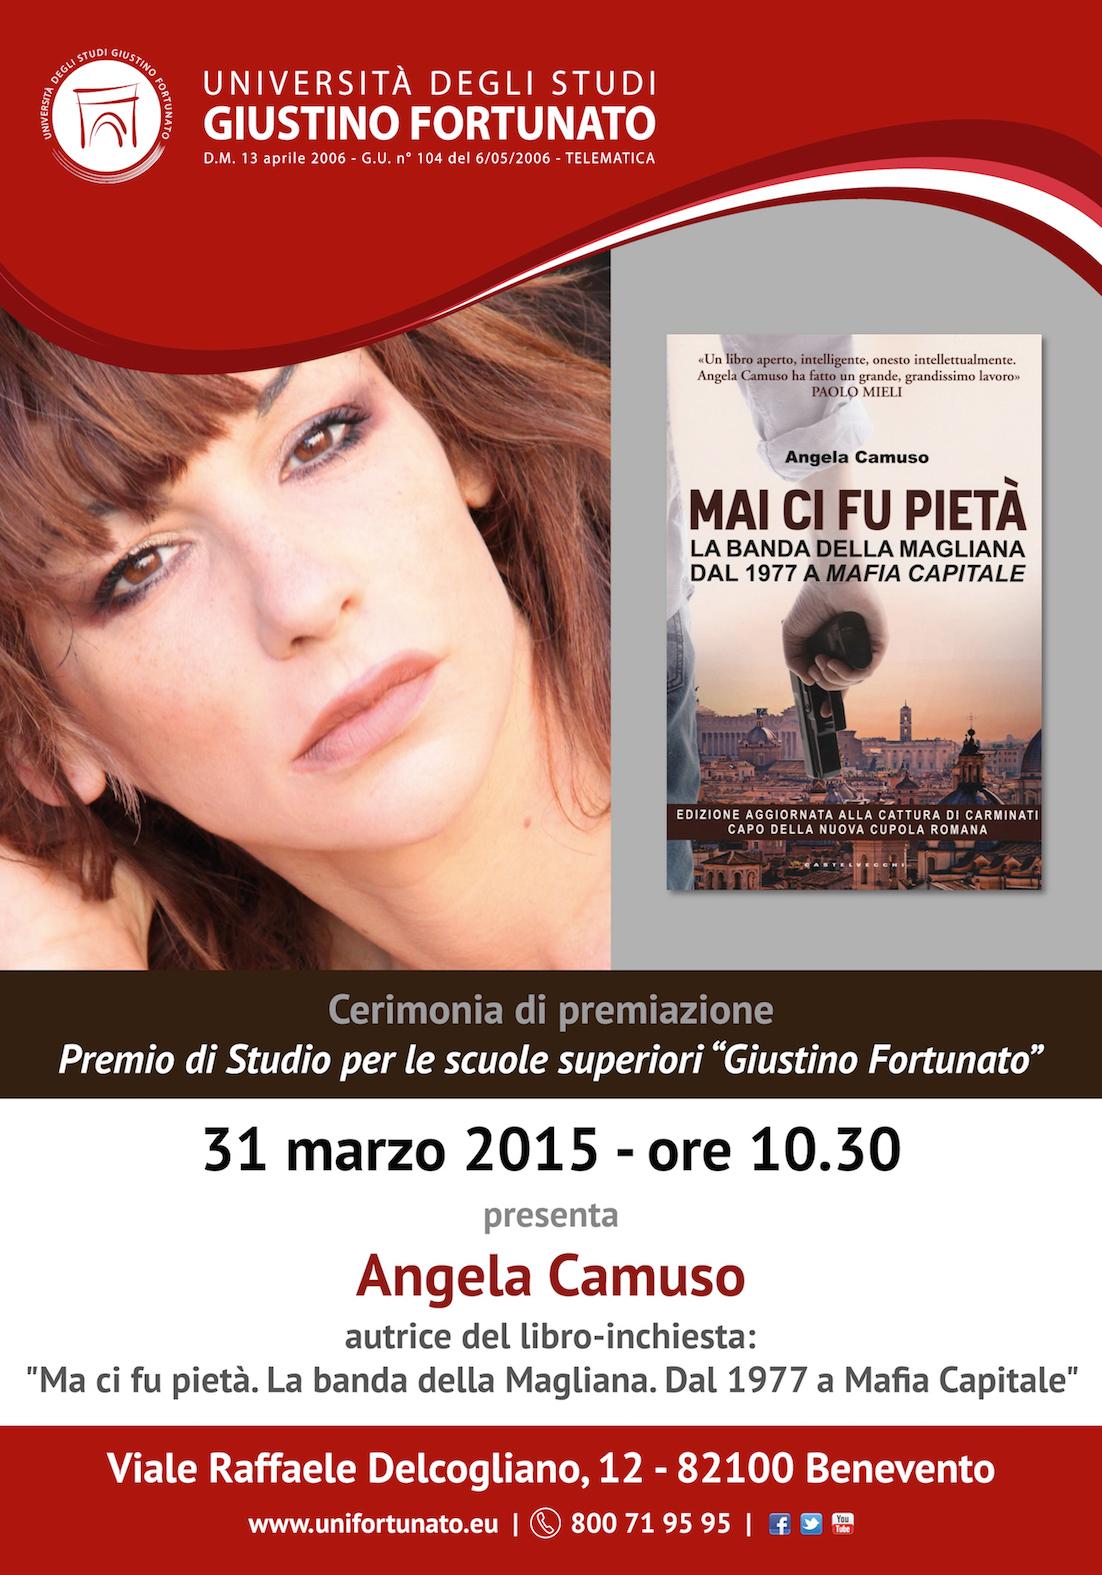 Angela Camuso - Unifortunato